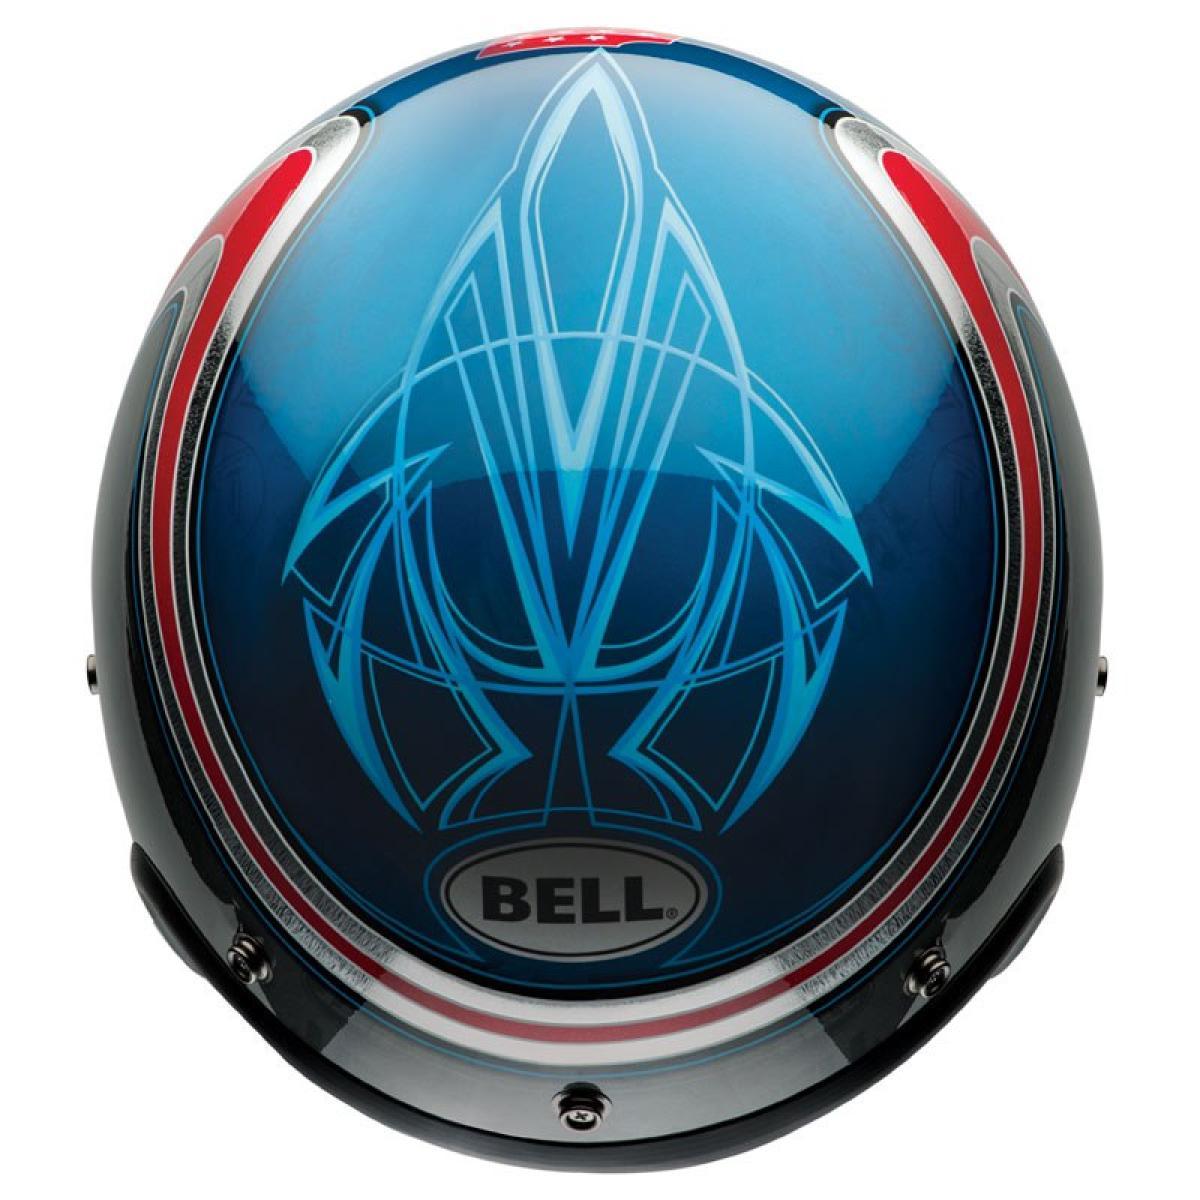 casque moto jet bell custom 500 airtrix heritage bleu rouge. Black Bedroom Furniture Sets. Home Design Ideas